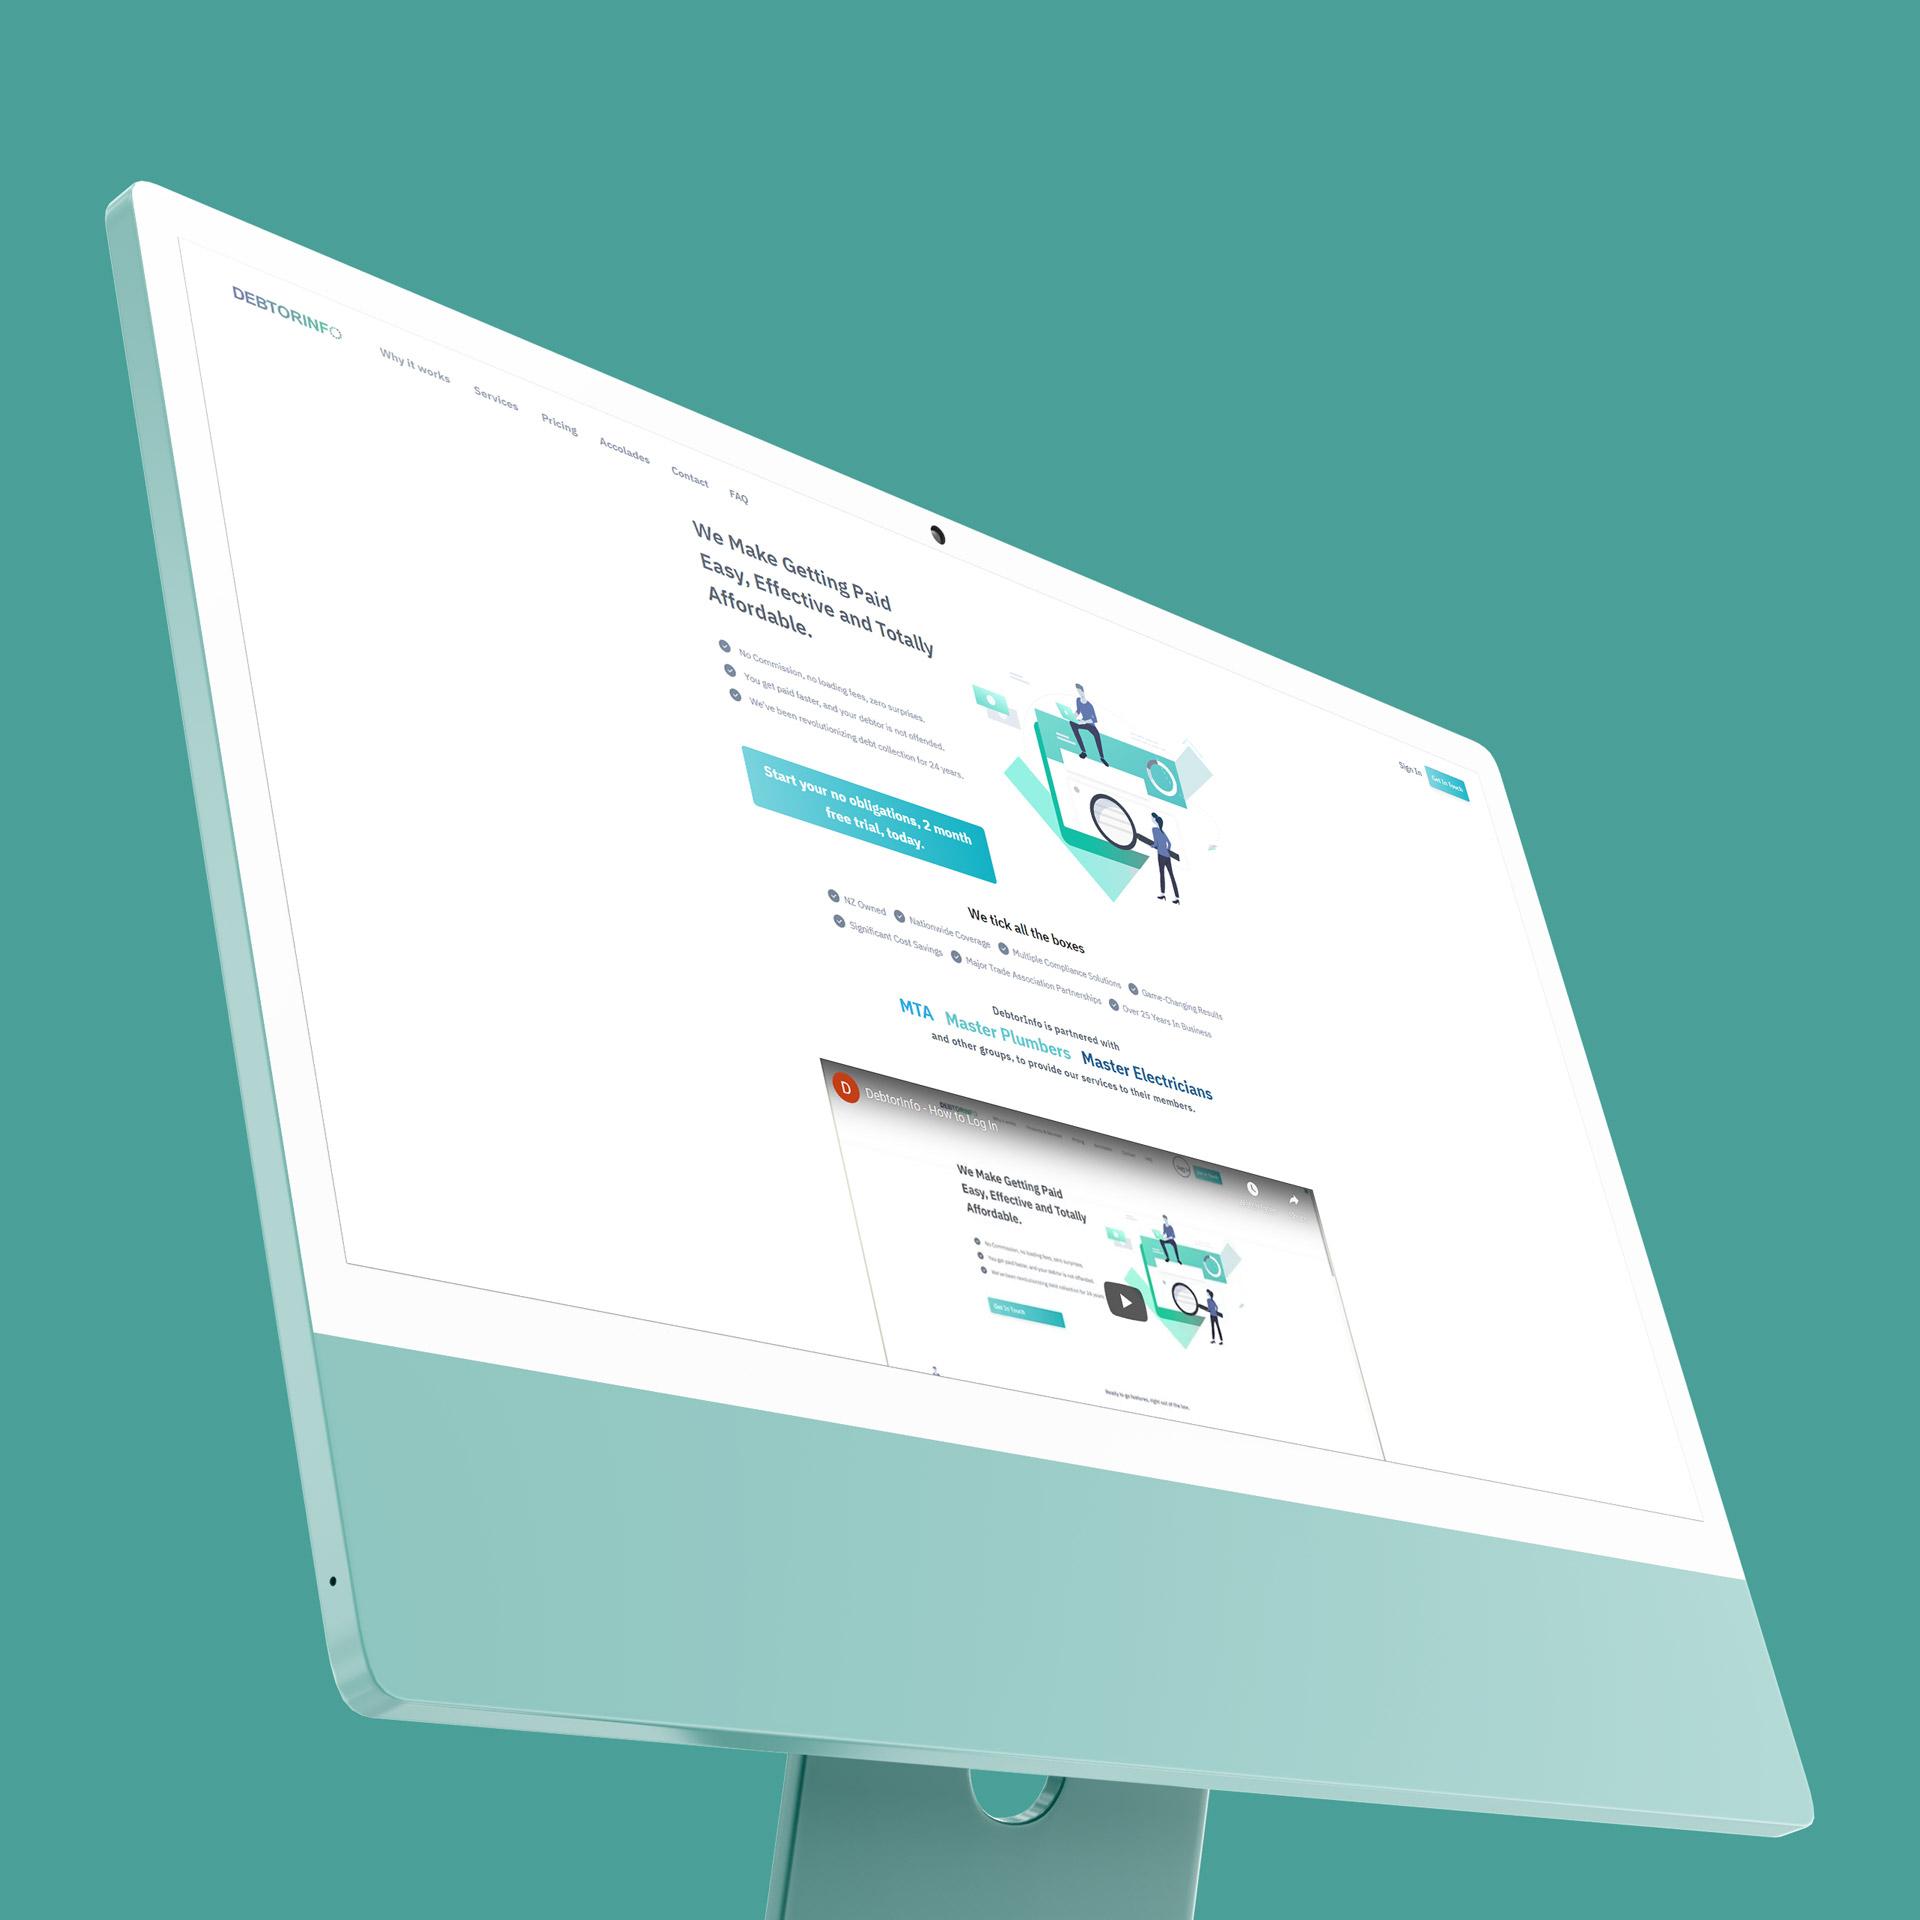 DebtorInfo software example